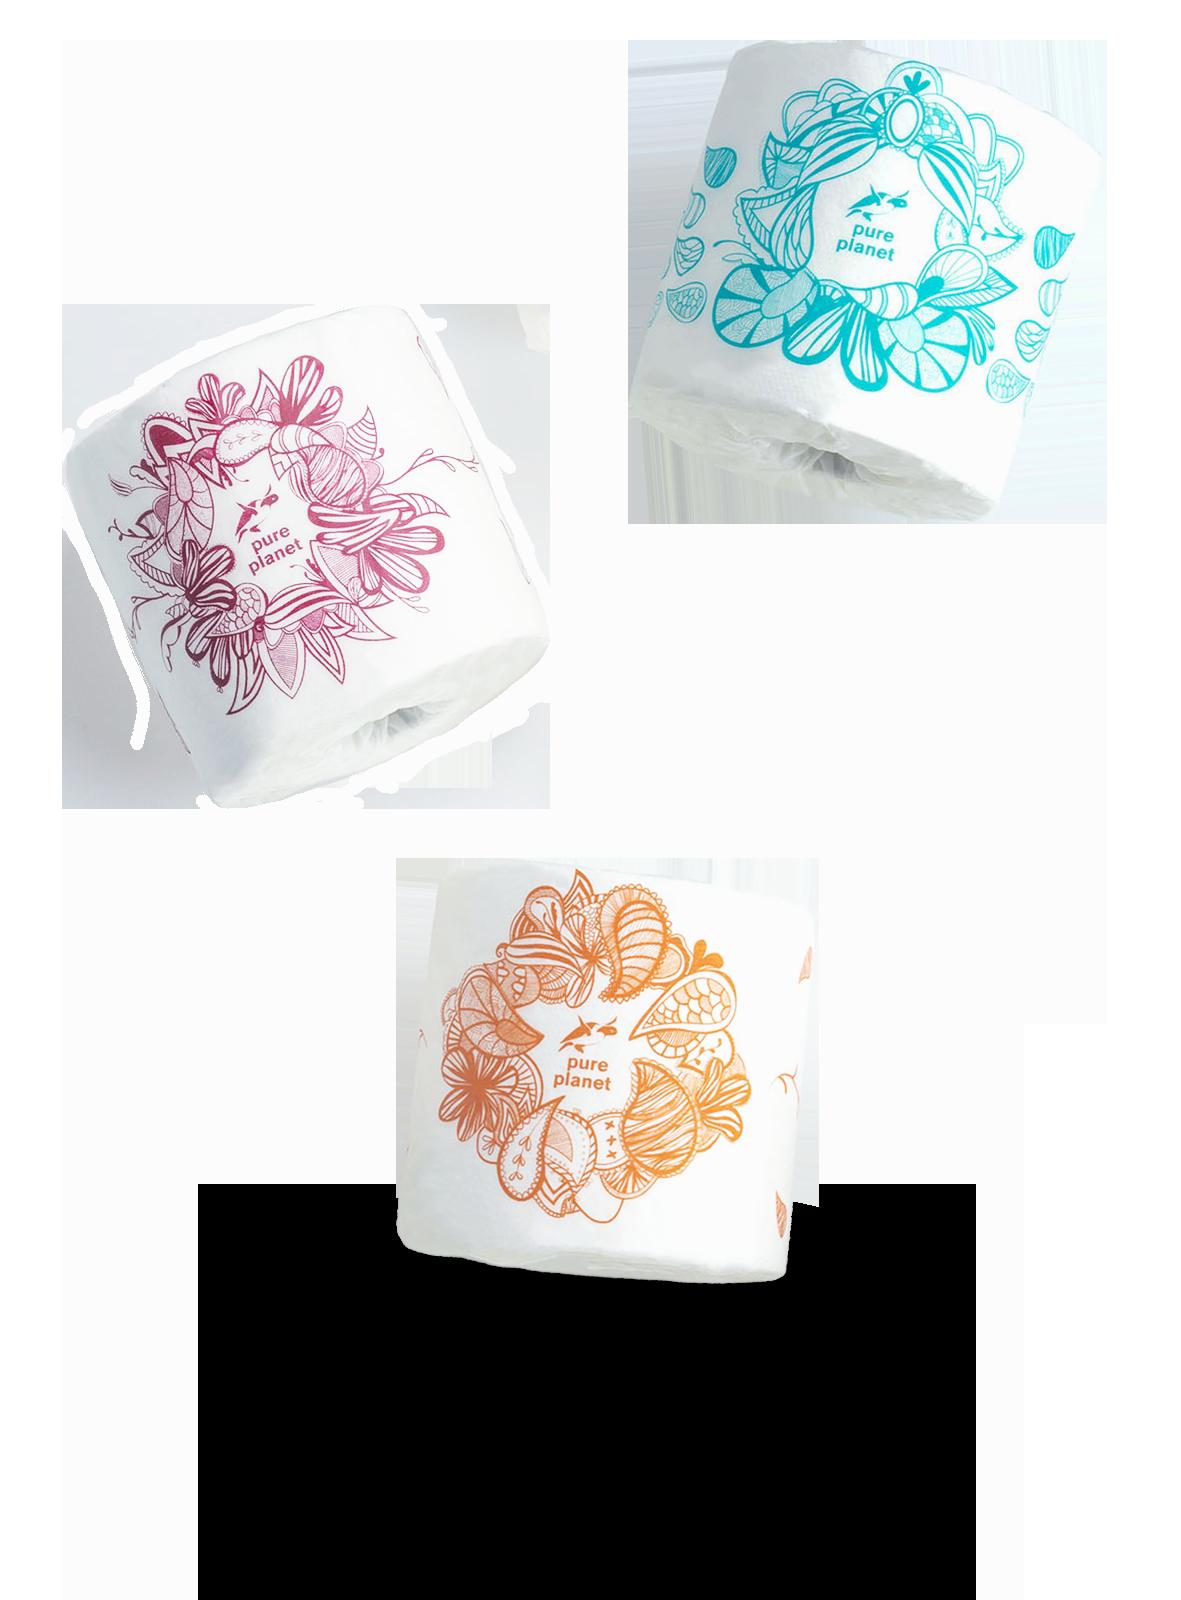 Pure Planet toilet paper